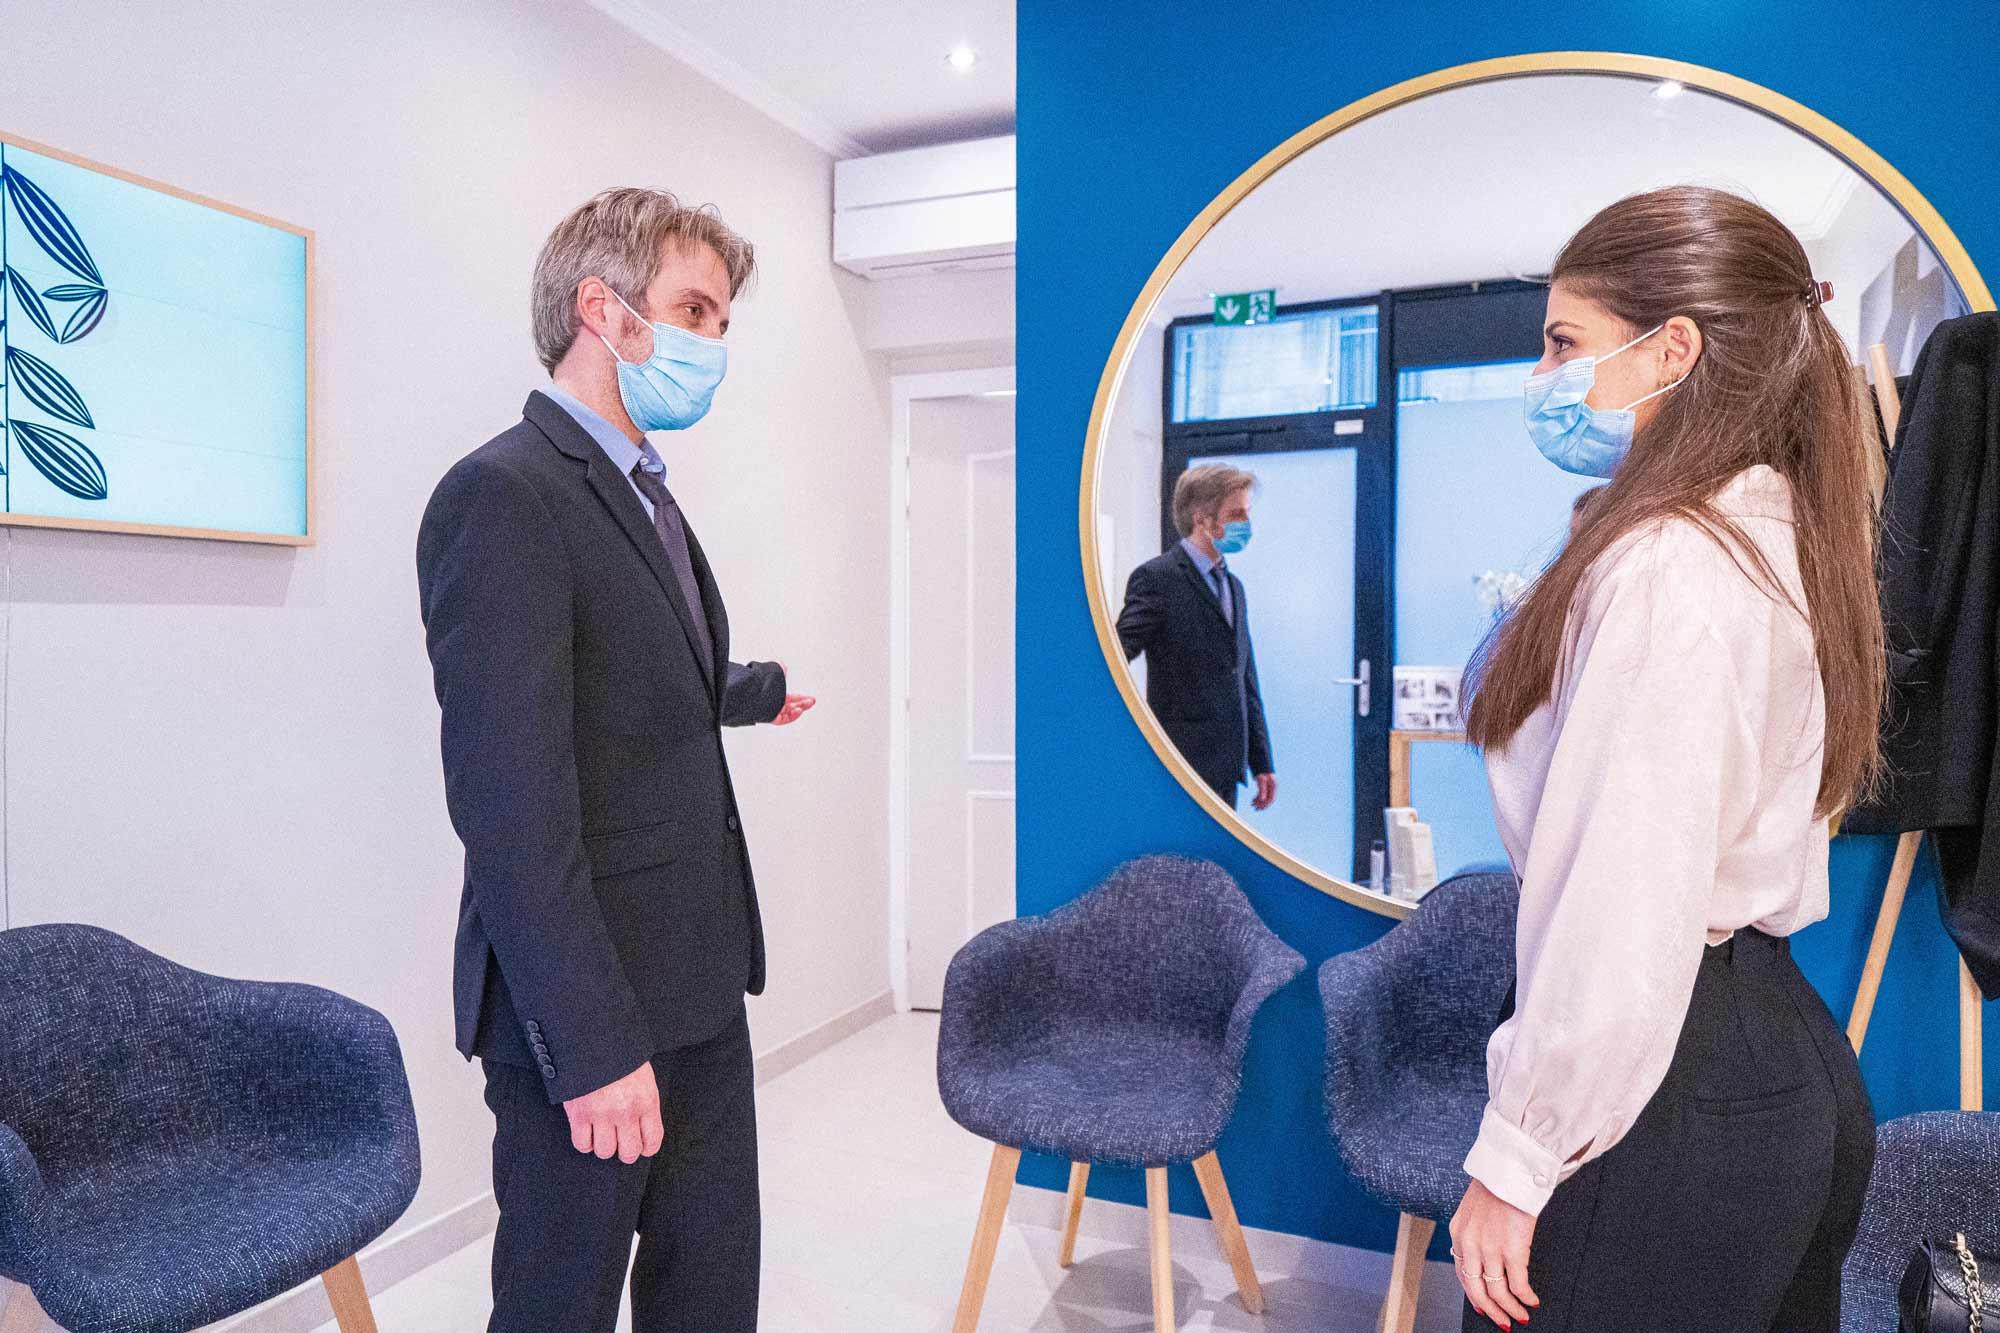 dr-gianfermi-patiente-masques